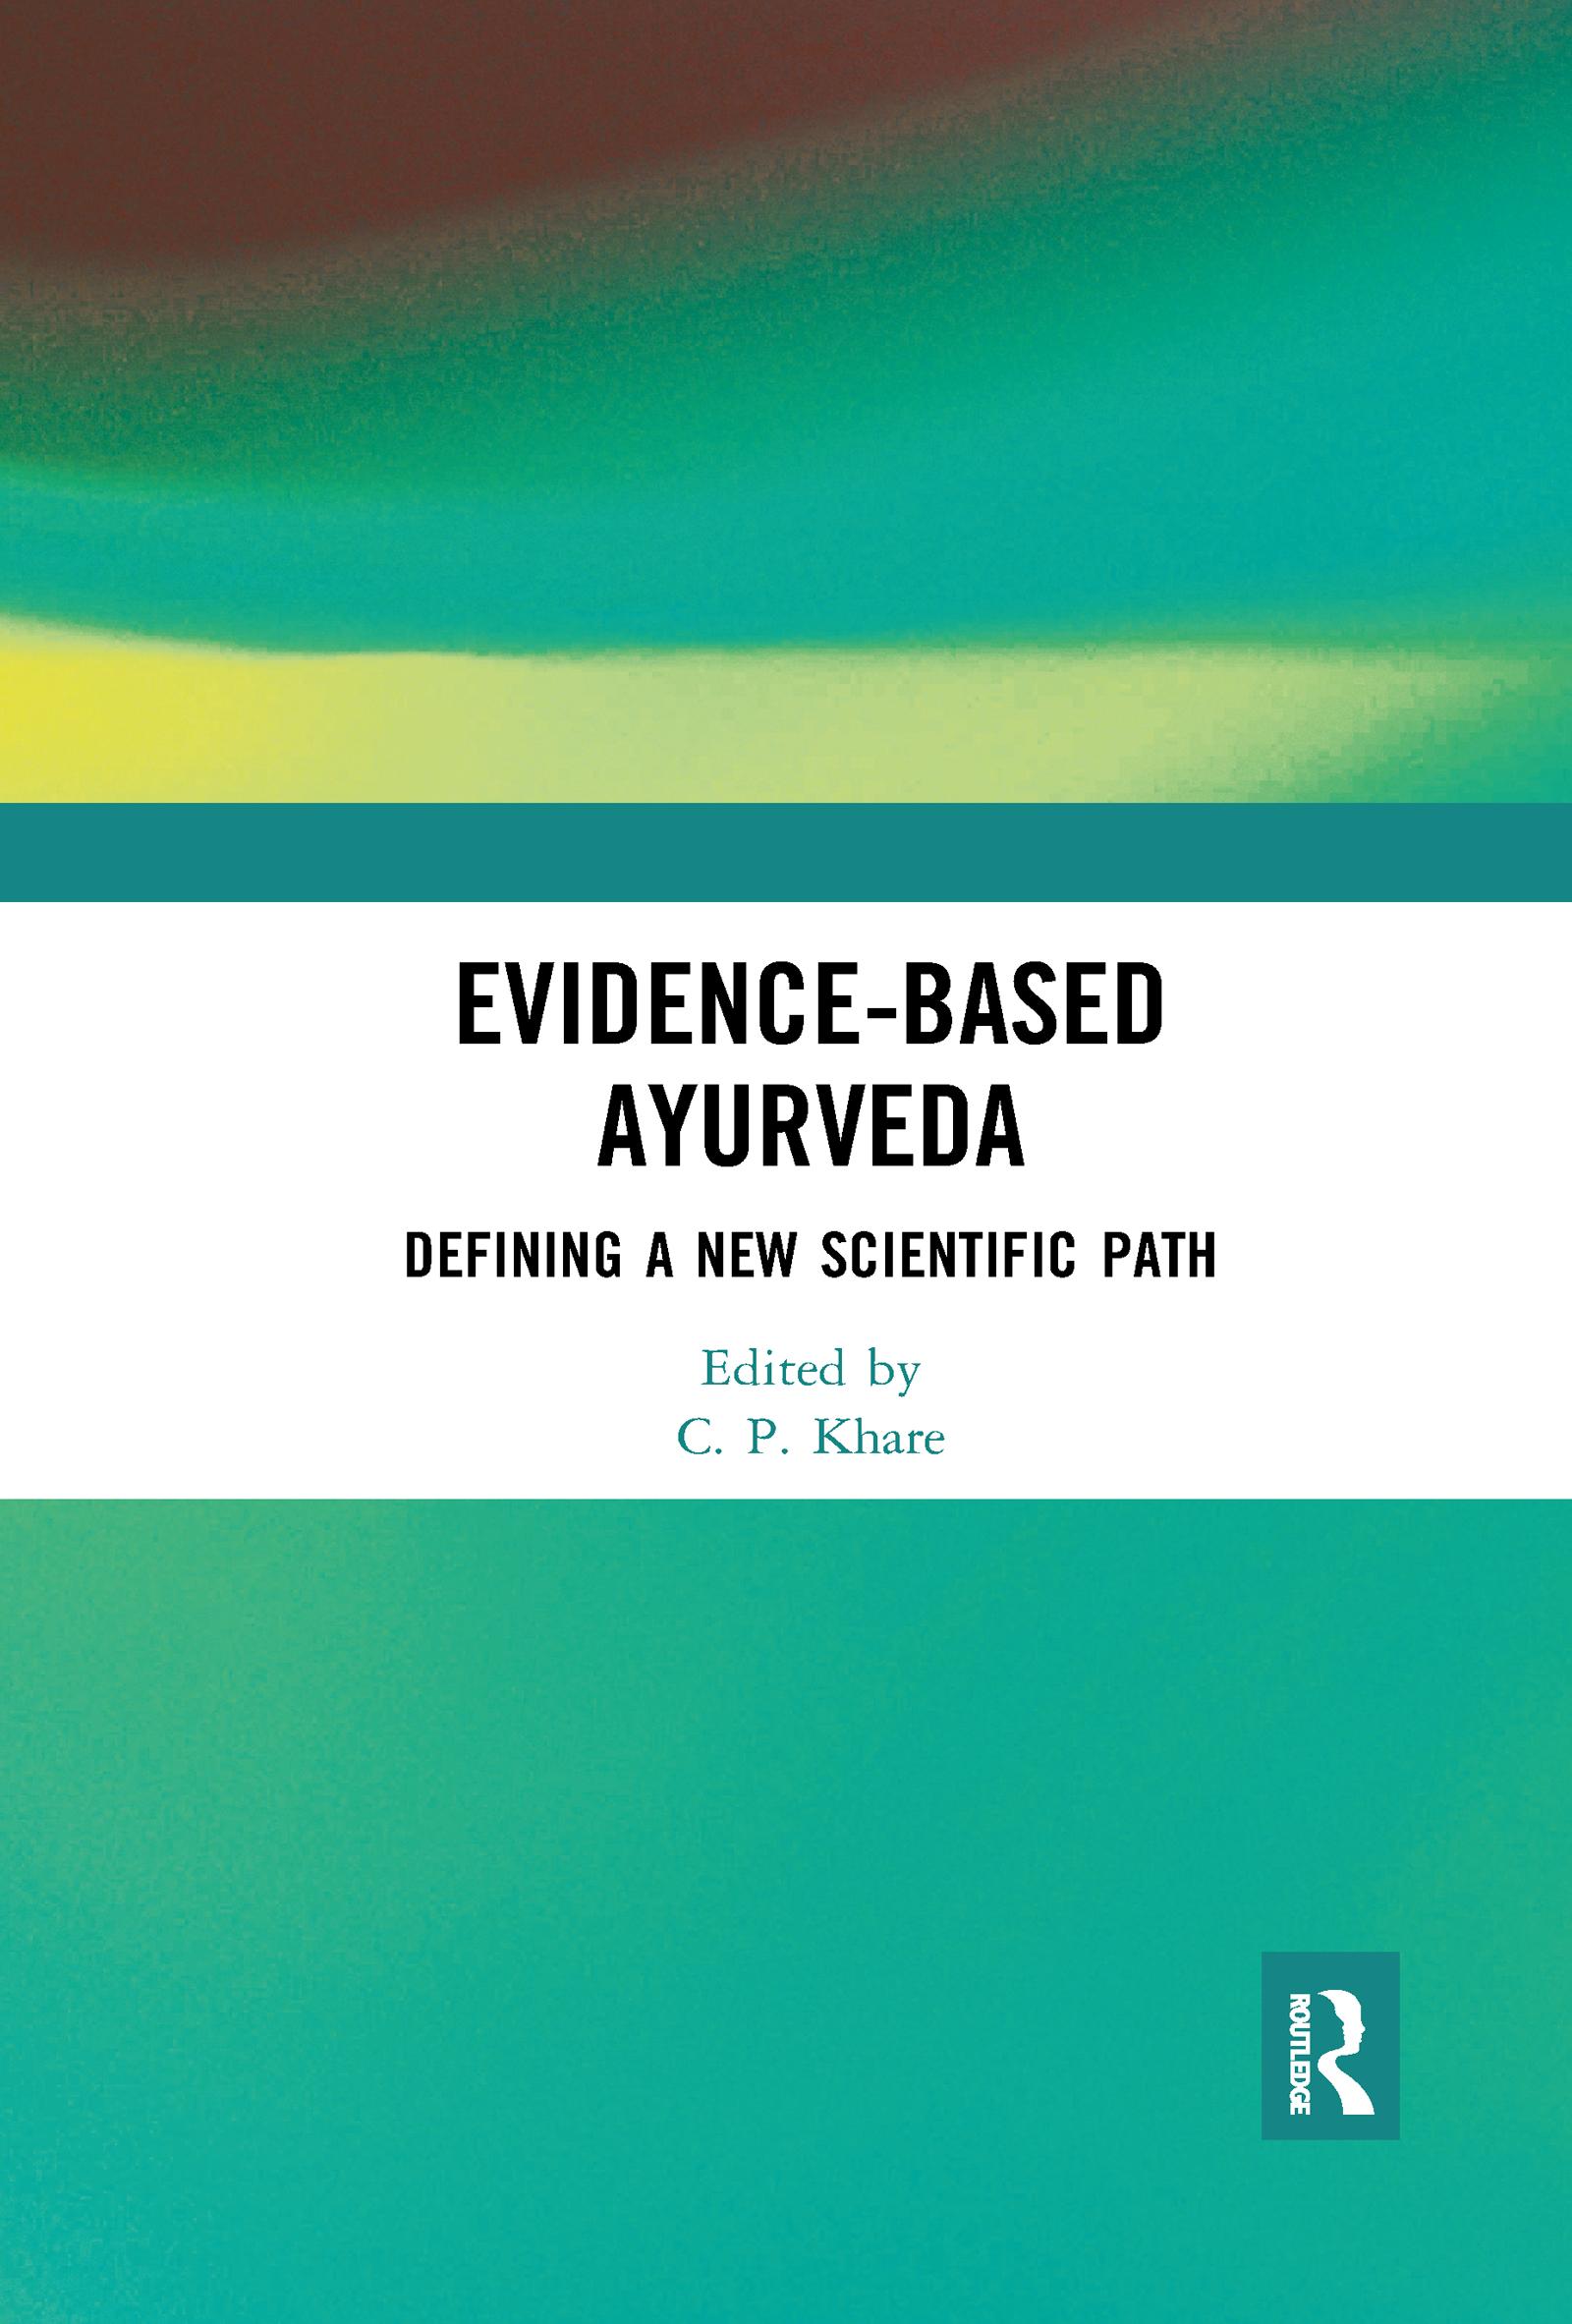 Evidence-based Ayurveda